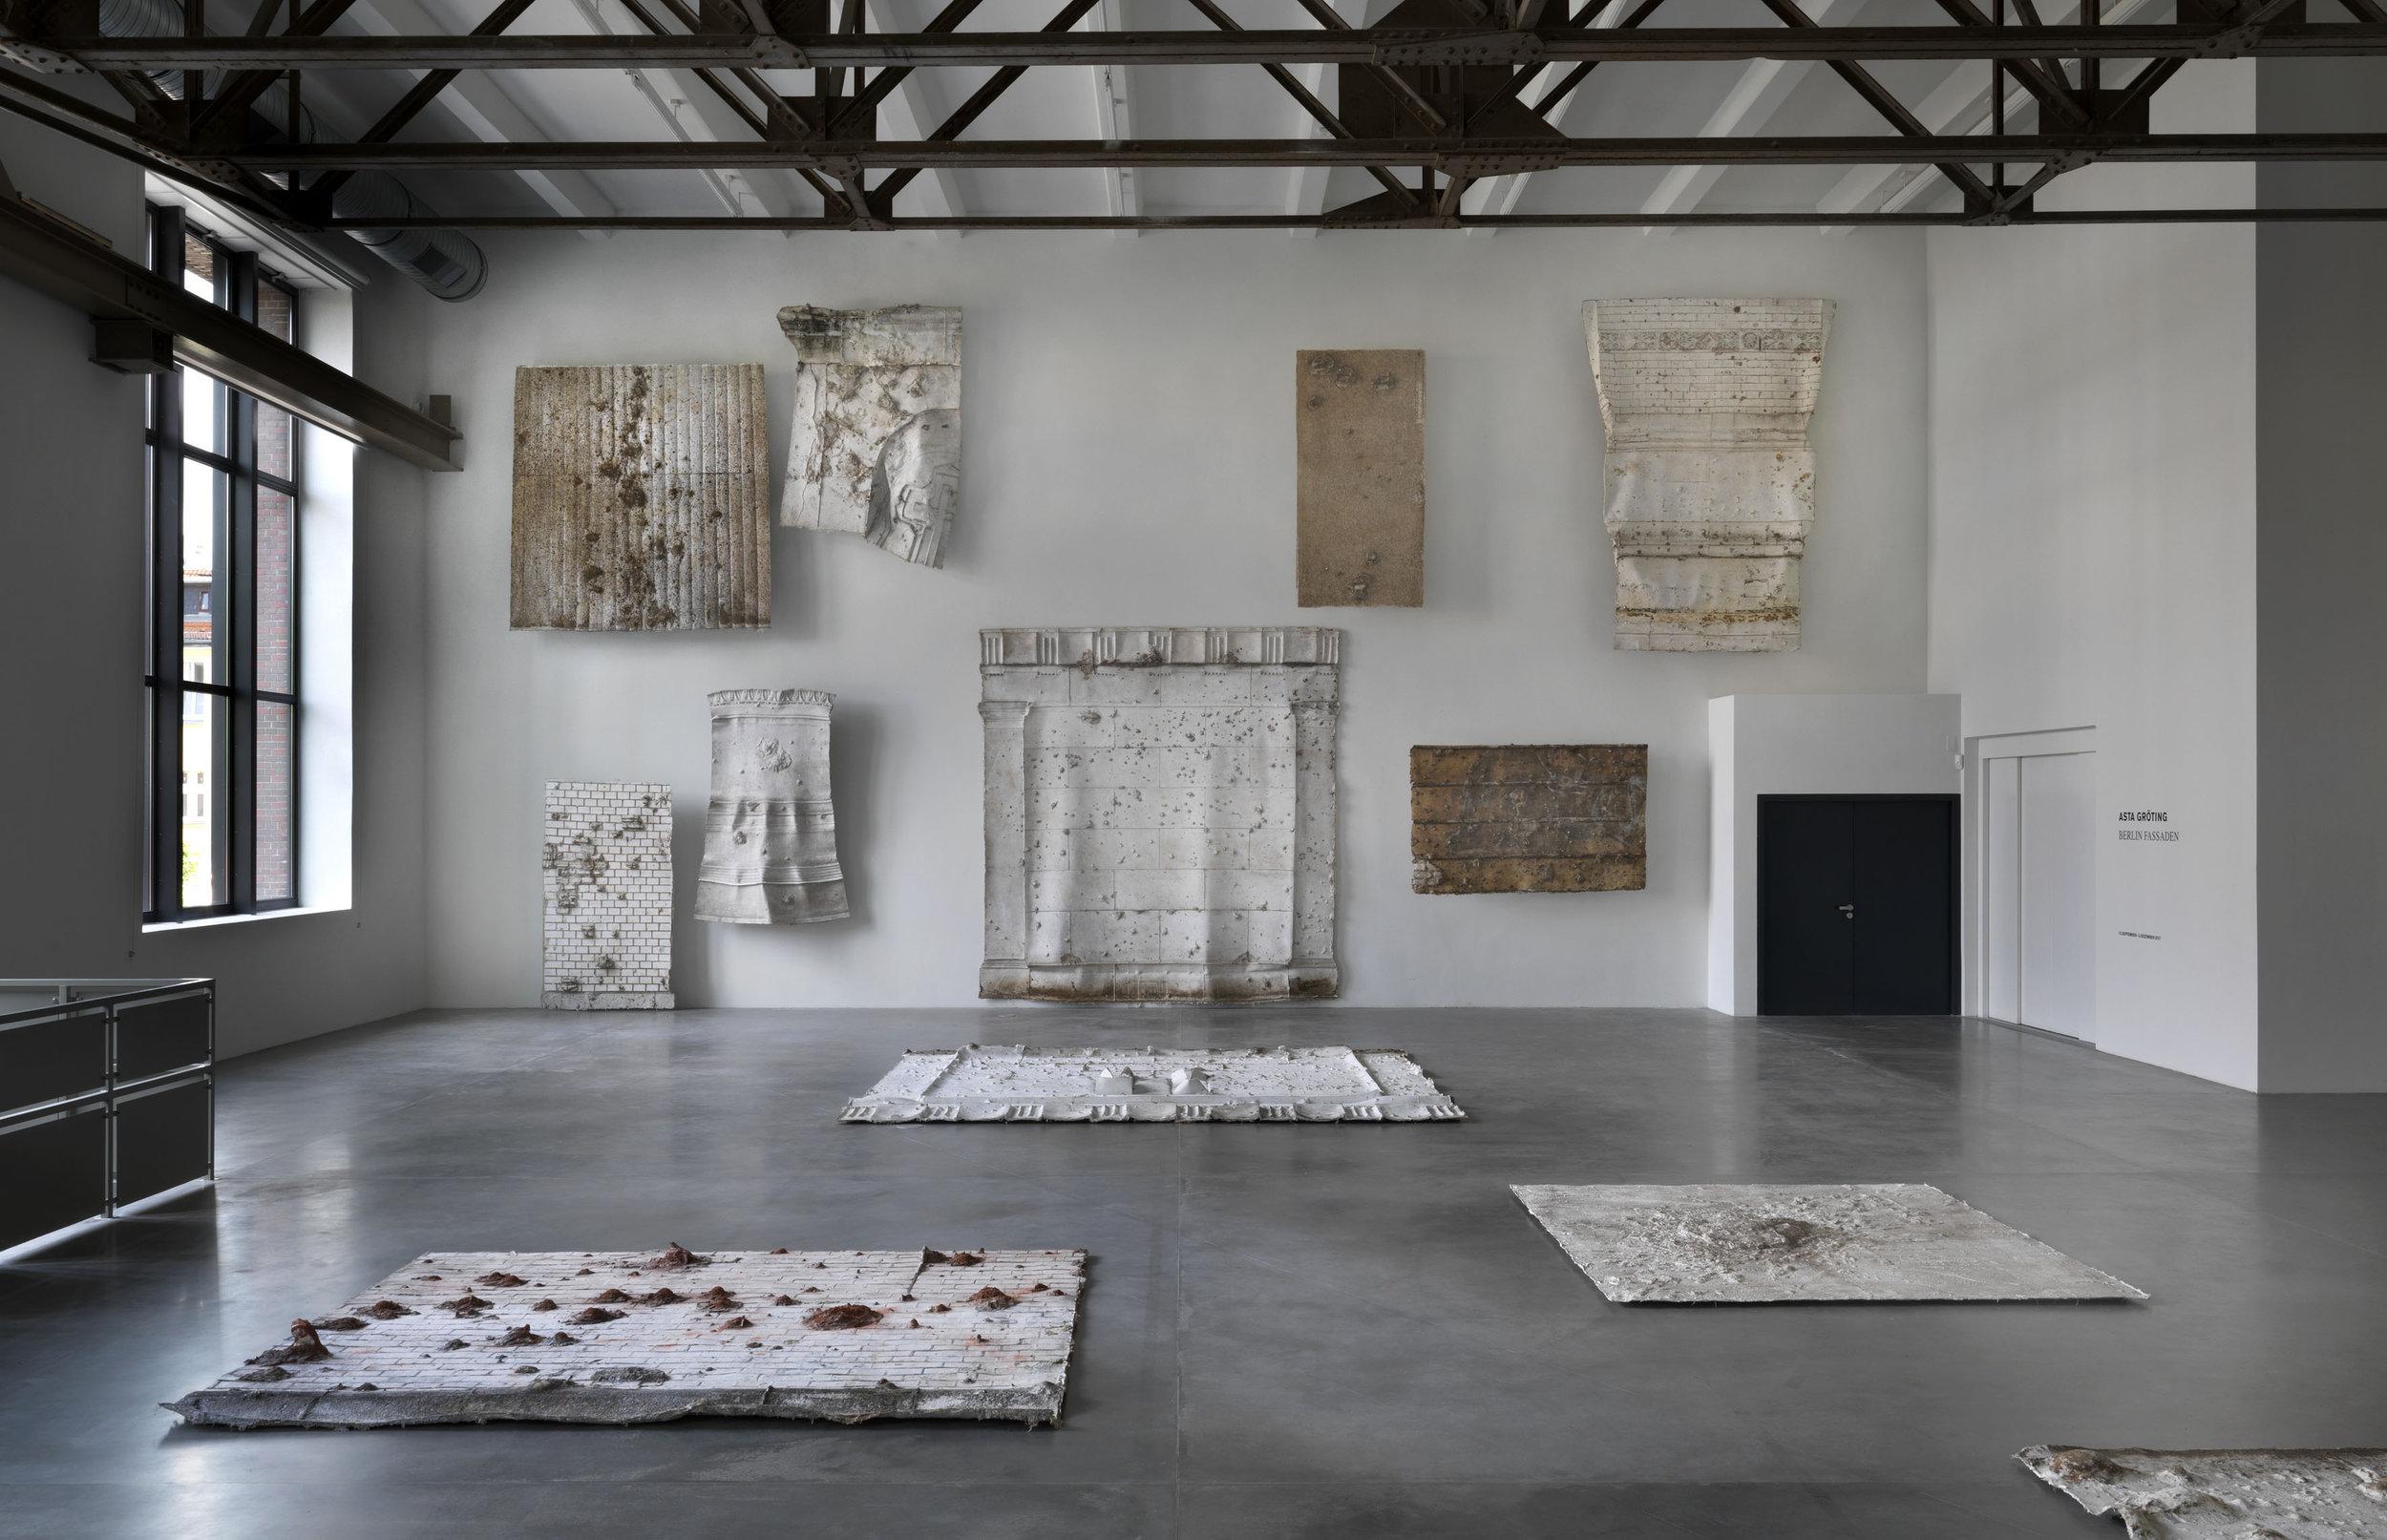 Asta Gröting  Berlin Fassaden , Ausstellungsansicht KINDL – Zentrum für zeitgenössische Kunst, Berlin (10. September – 3. Dezember 2017); © Asta Gröting / VG BILD-KUNST, Bonn 2017; Foto: Jens Ziehe